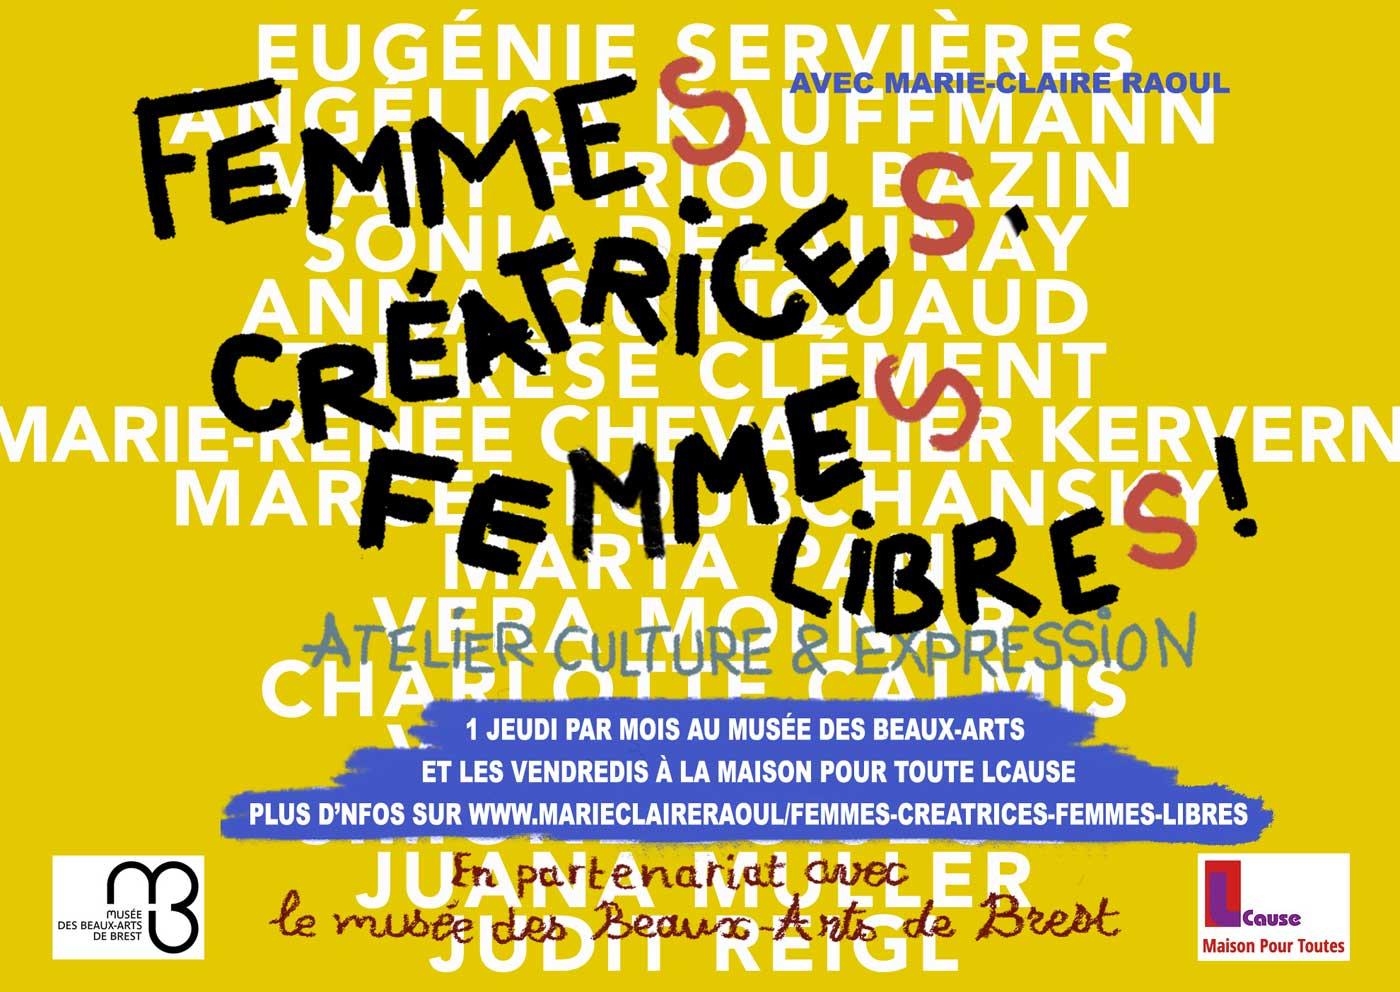 Affiche pour l'atelier [femmes créatrices, femmes libres] de l'artiste plasticienne Marie-Claire Raoul en partenariat avec le musée des beaux-arts de Brest et la Maison Pour Toutes Lcause